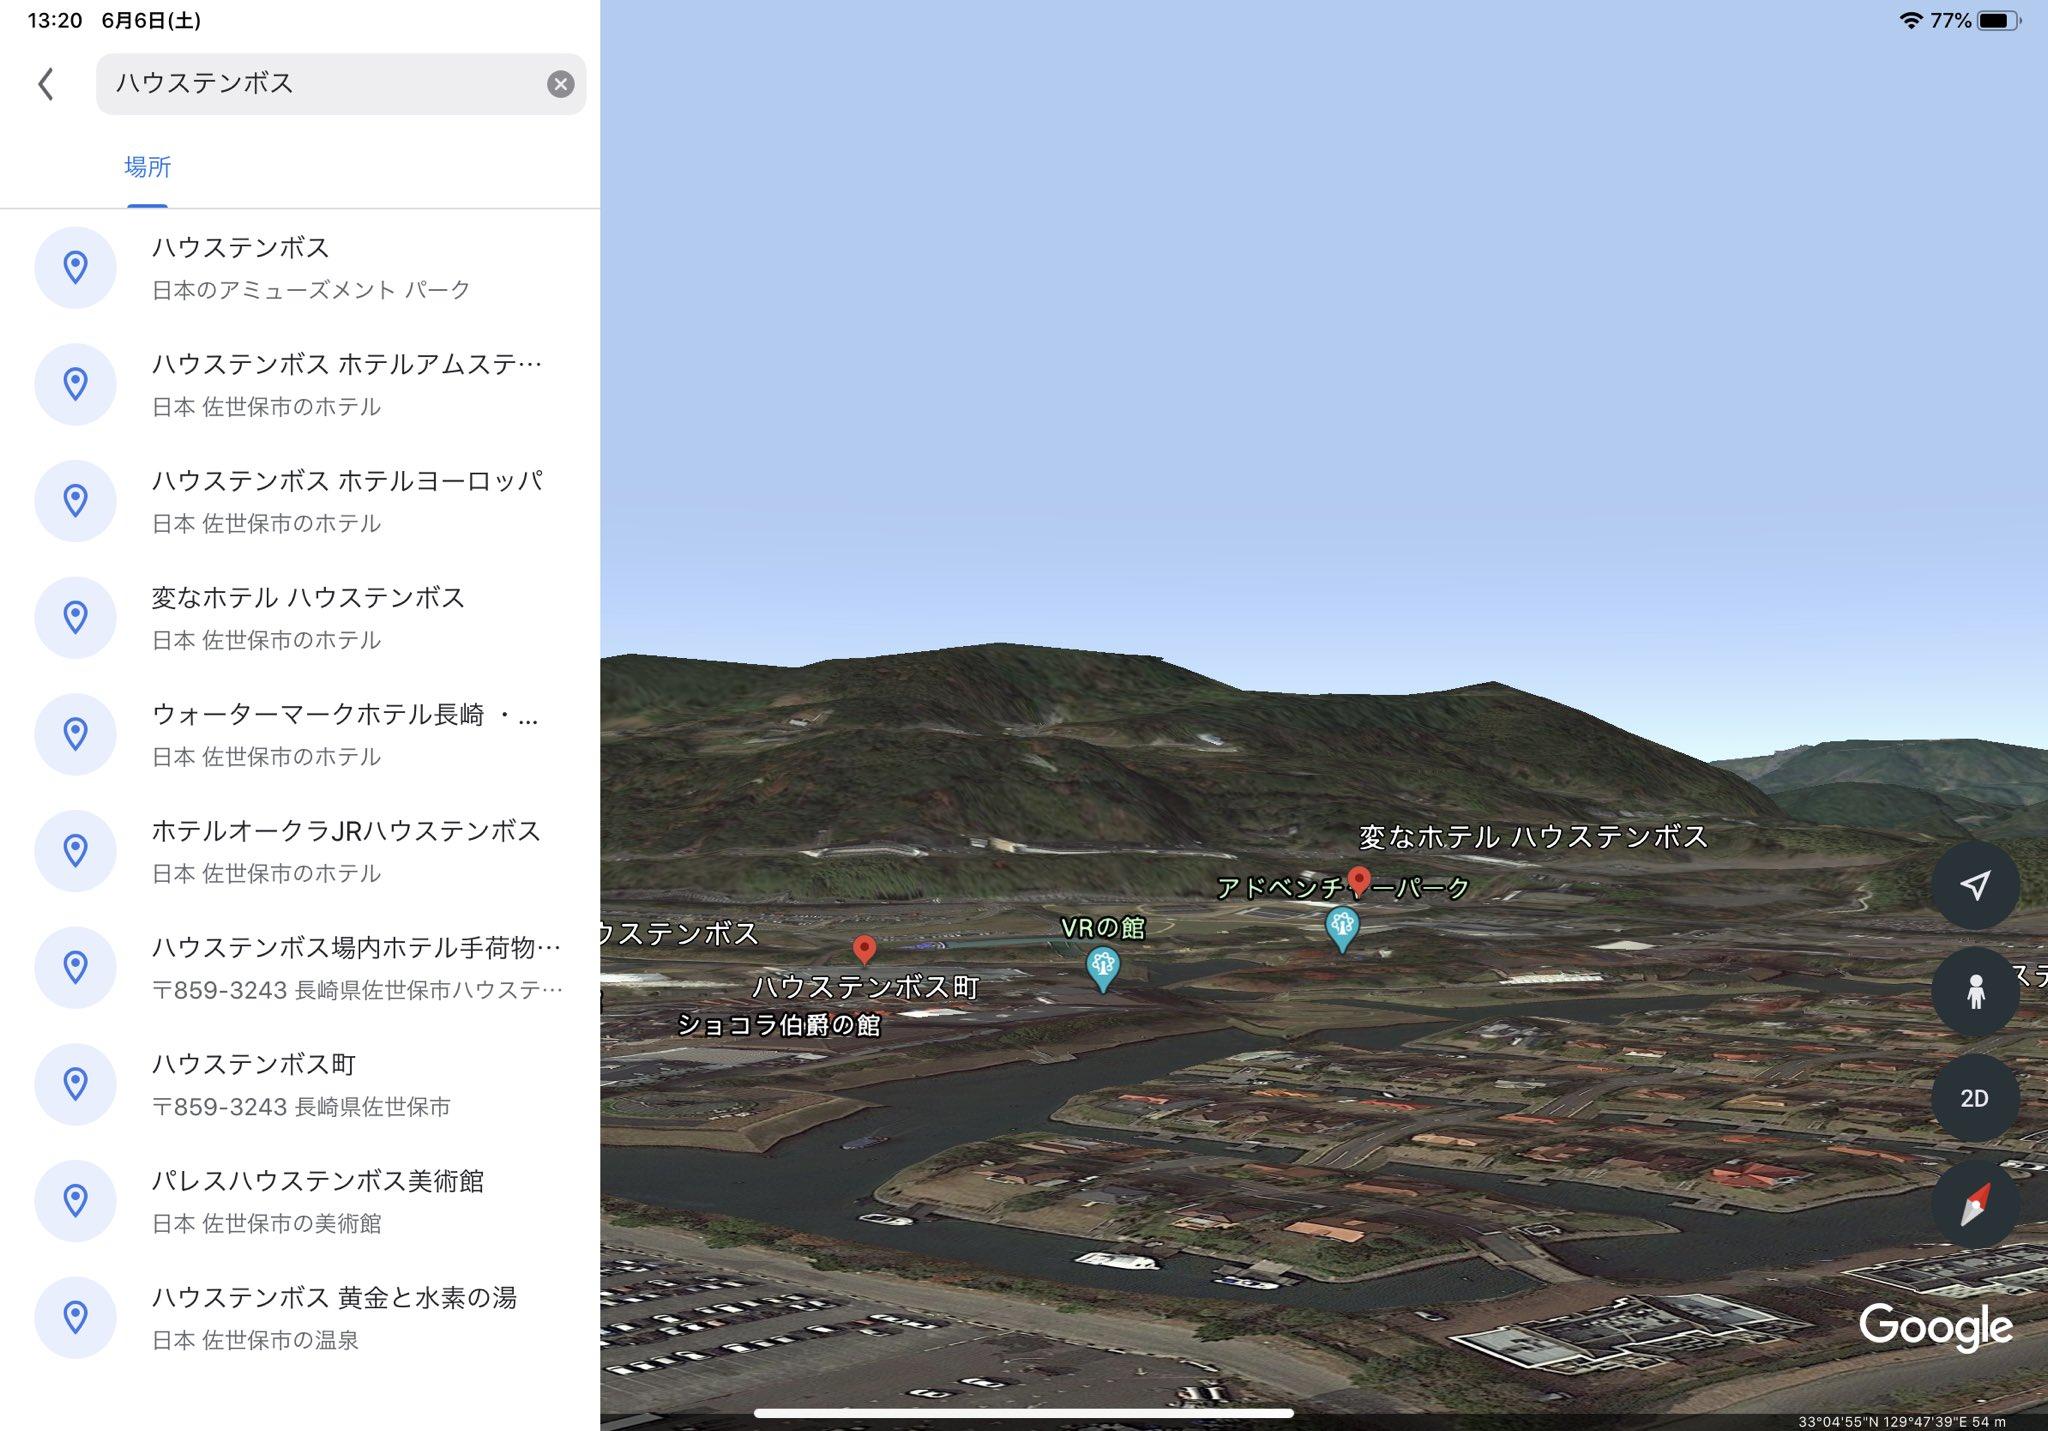 Google Earth でハウステンボス見たら建物とか3Dになってなかった。場所によるのかなー。 https://t.co/AjFTiOtnUQ